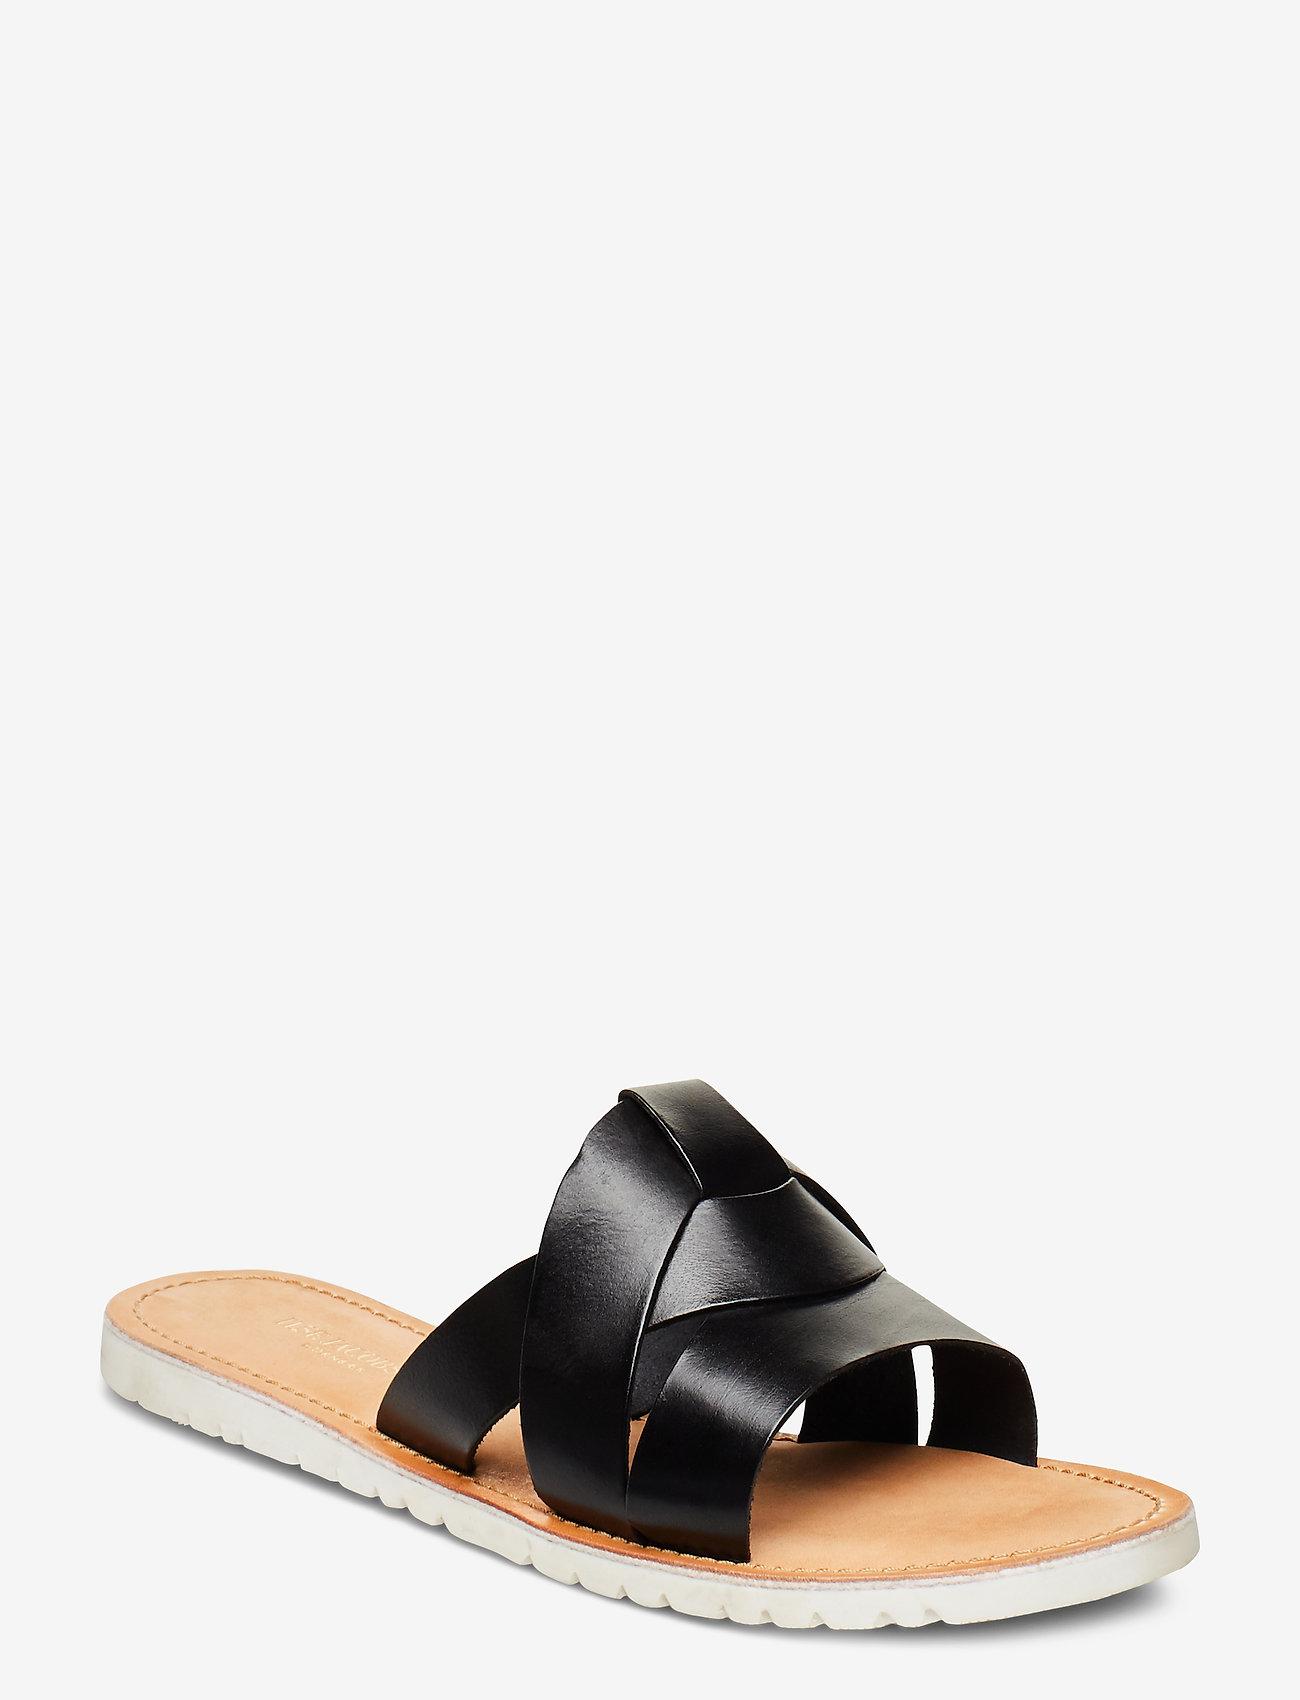 Ilse Jacobsen - SLIP-ON SANDALS - sandales - black - 0